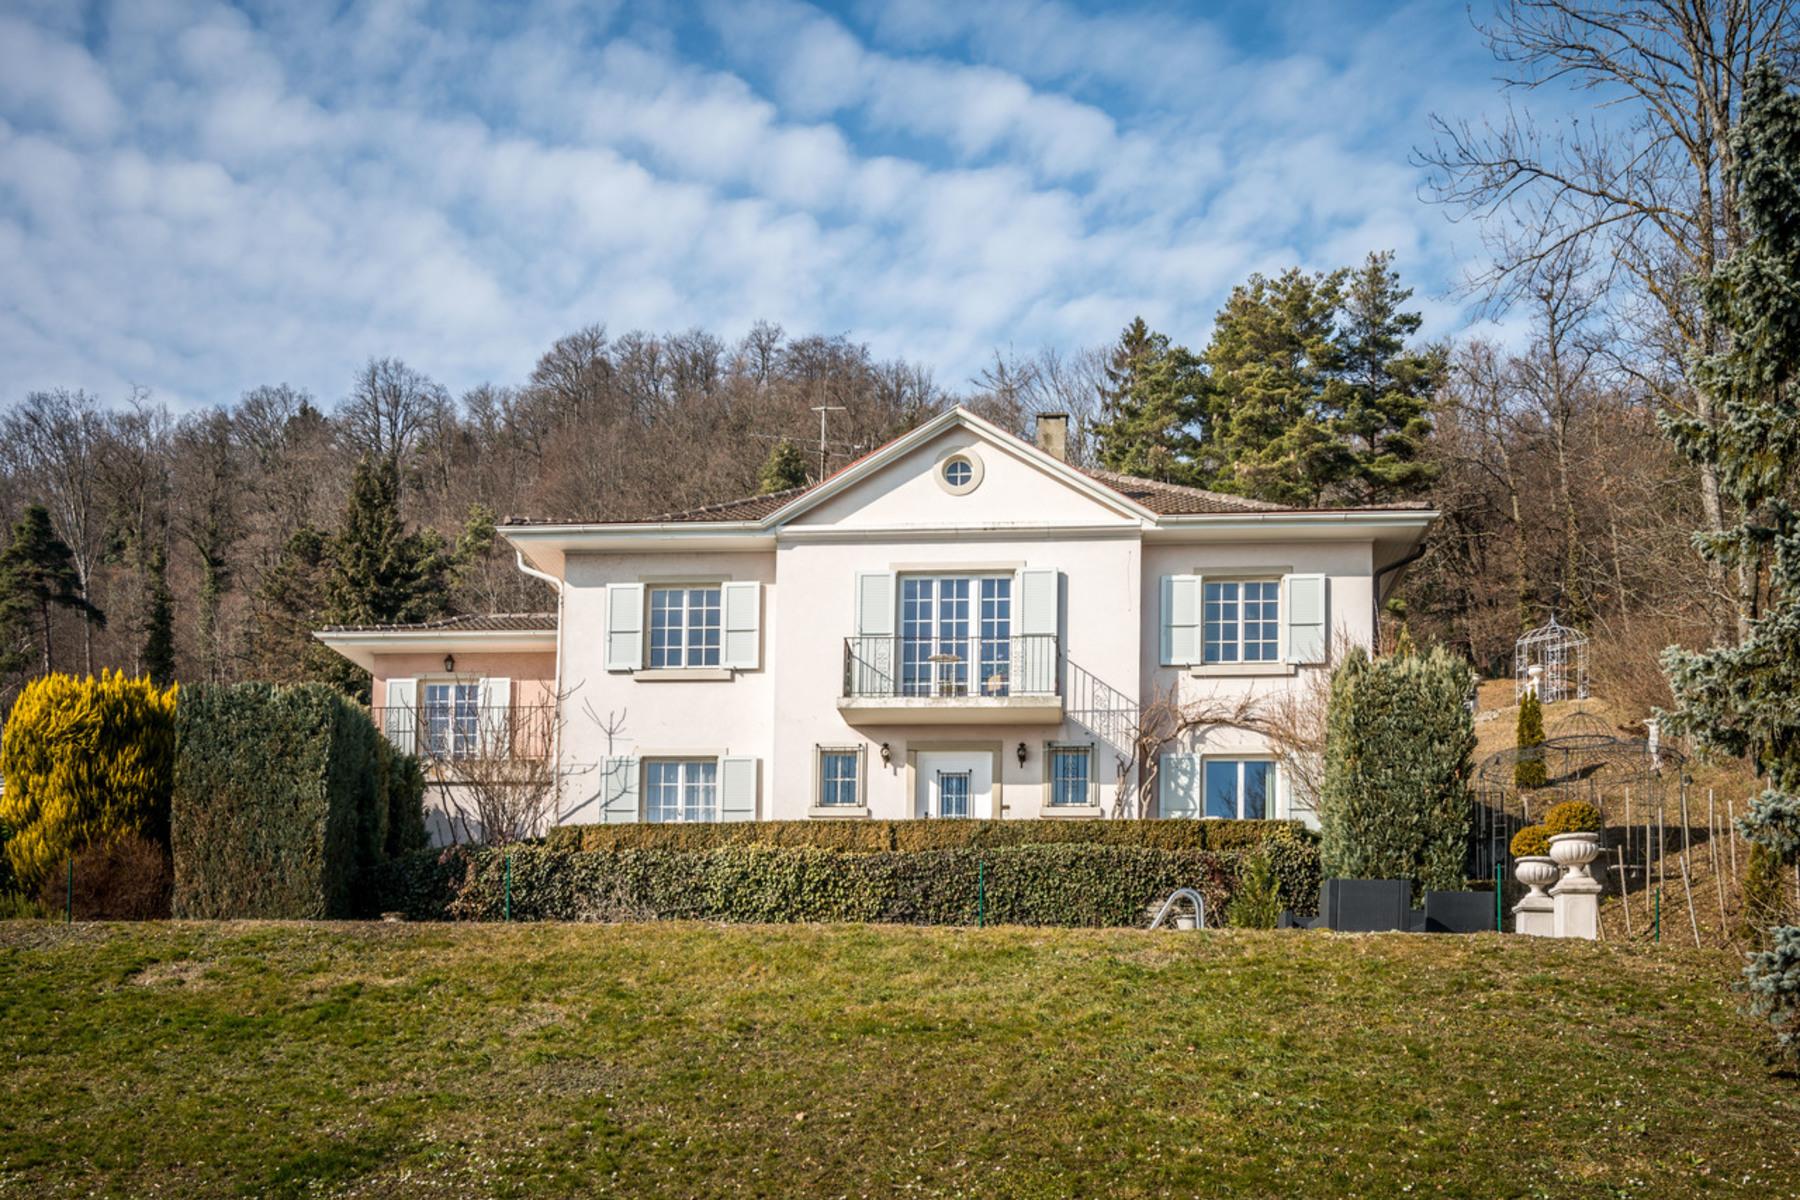 Casa Unifamiliar por un Venta en Elegant house with view Perroy Other Switzerland, Otras Áreas En Suiza, 1166 Suiza